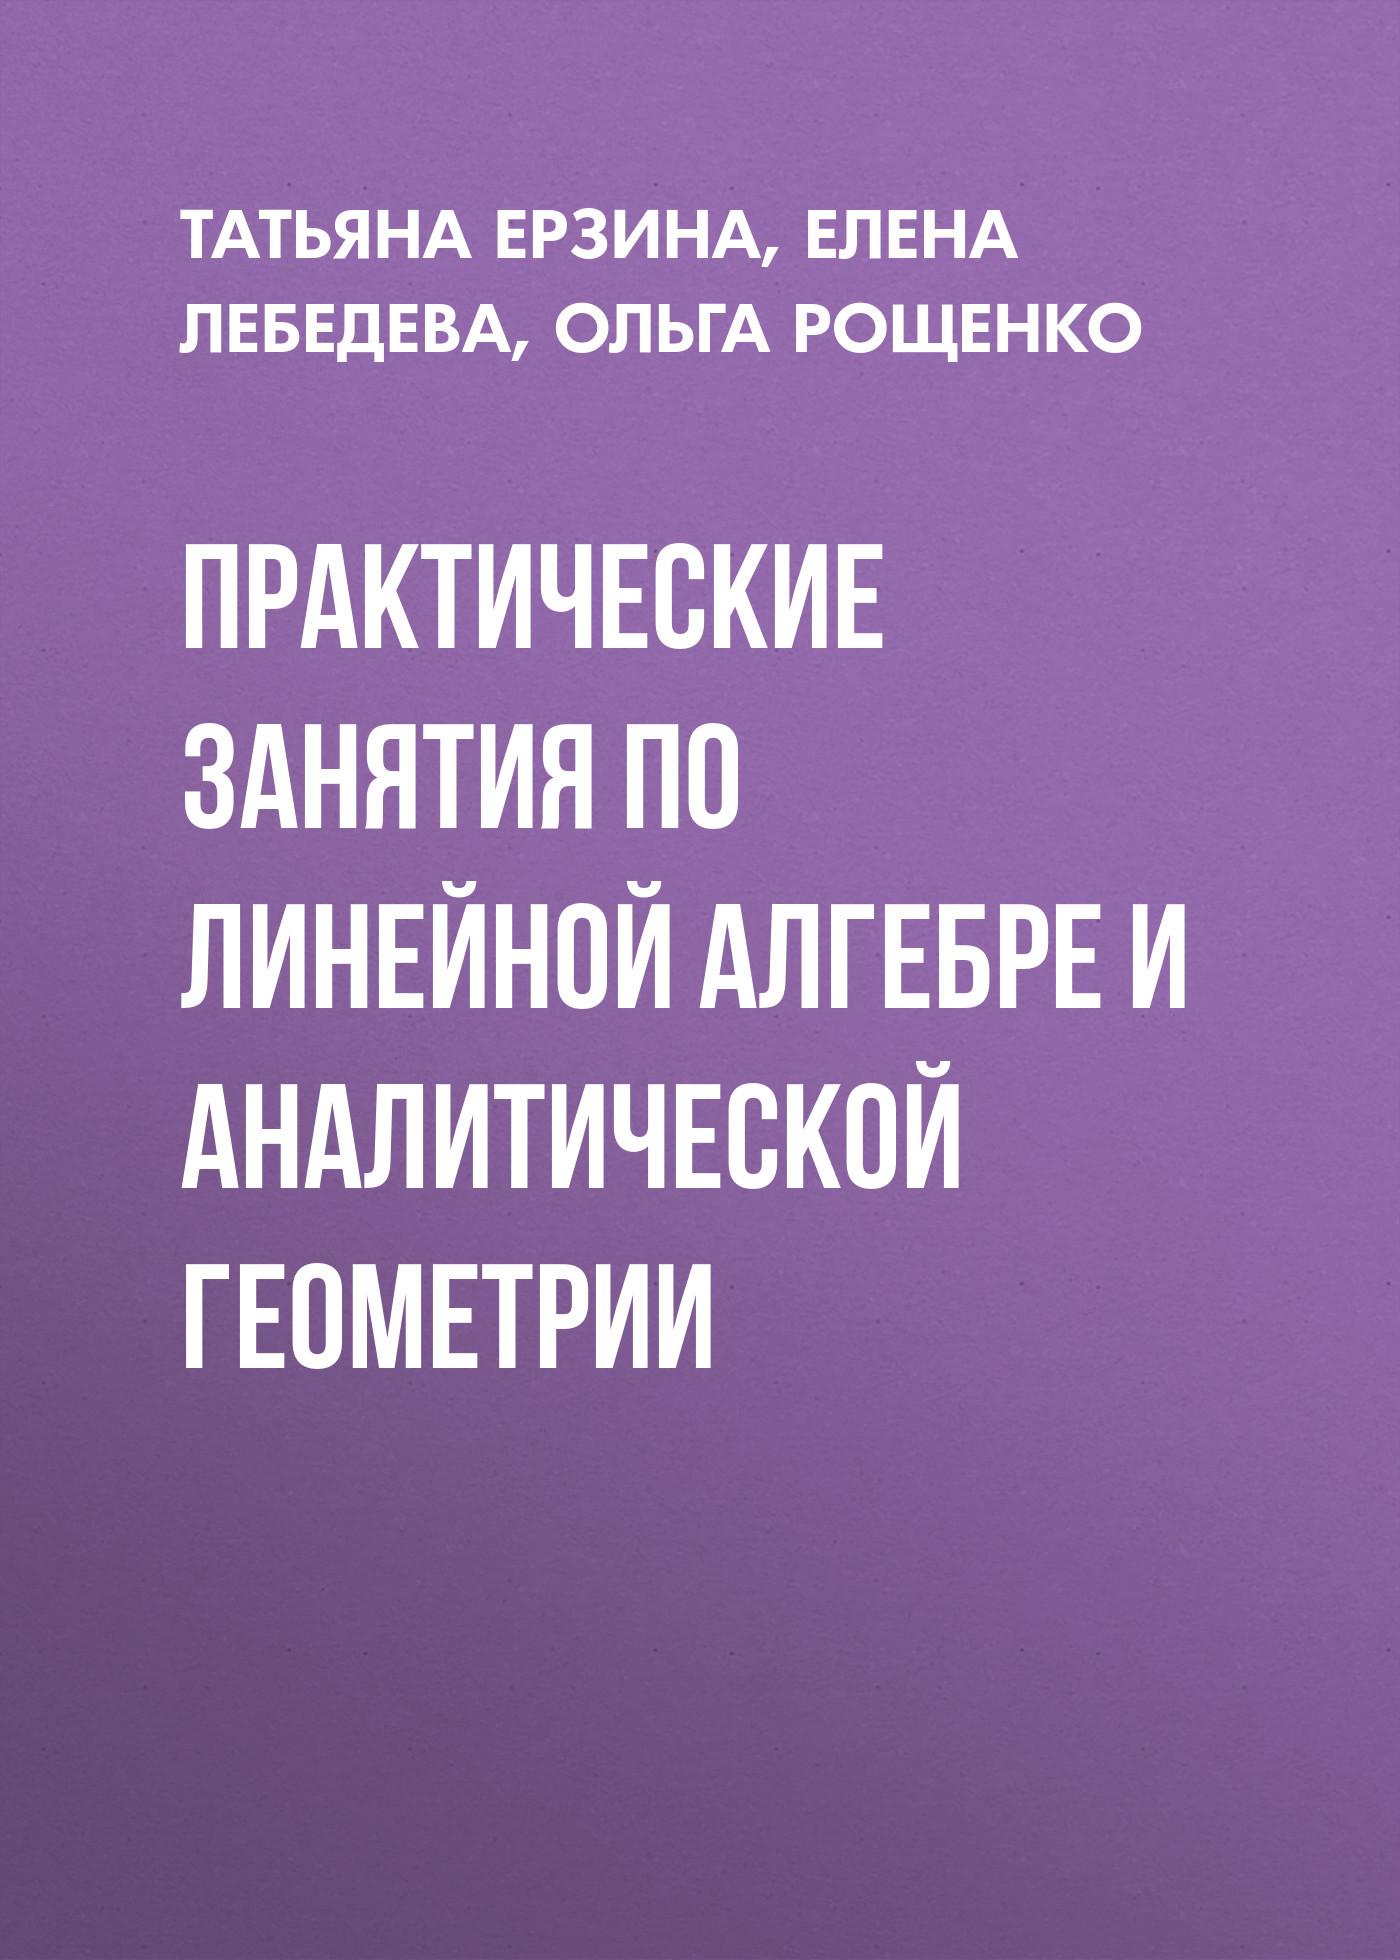 Татьяна Ерзина Практические занятия по линейной алгебре и аналитической геометрии марксизм не рекомендовано для обучения